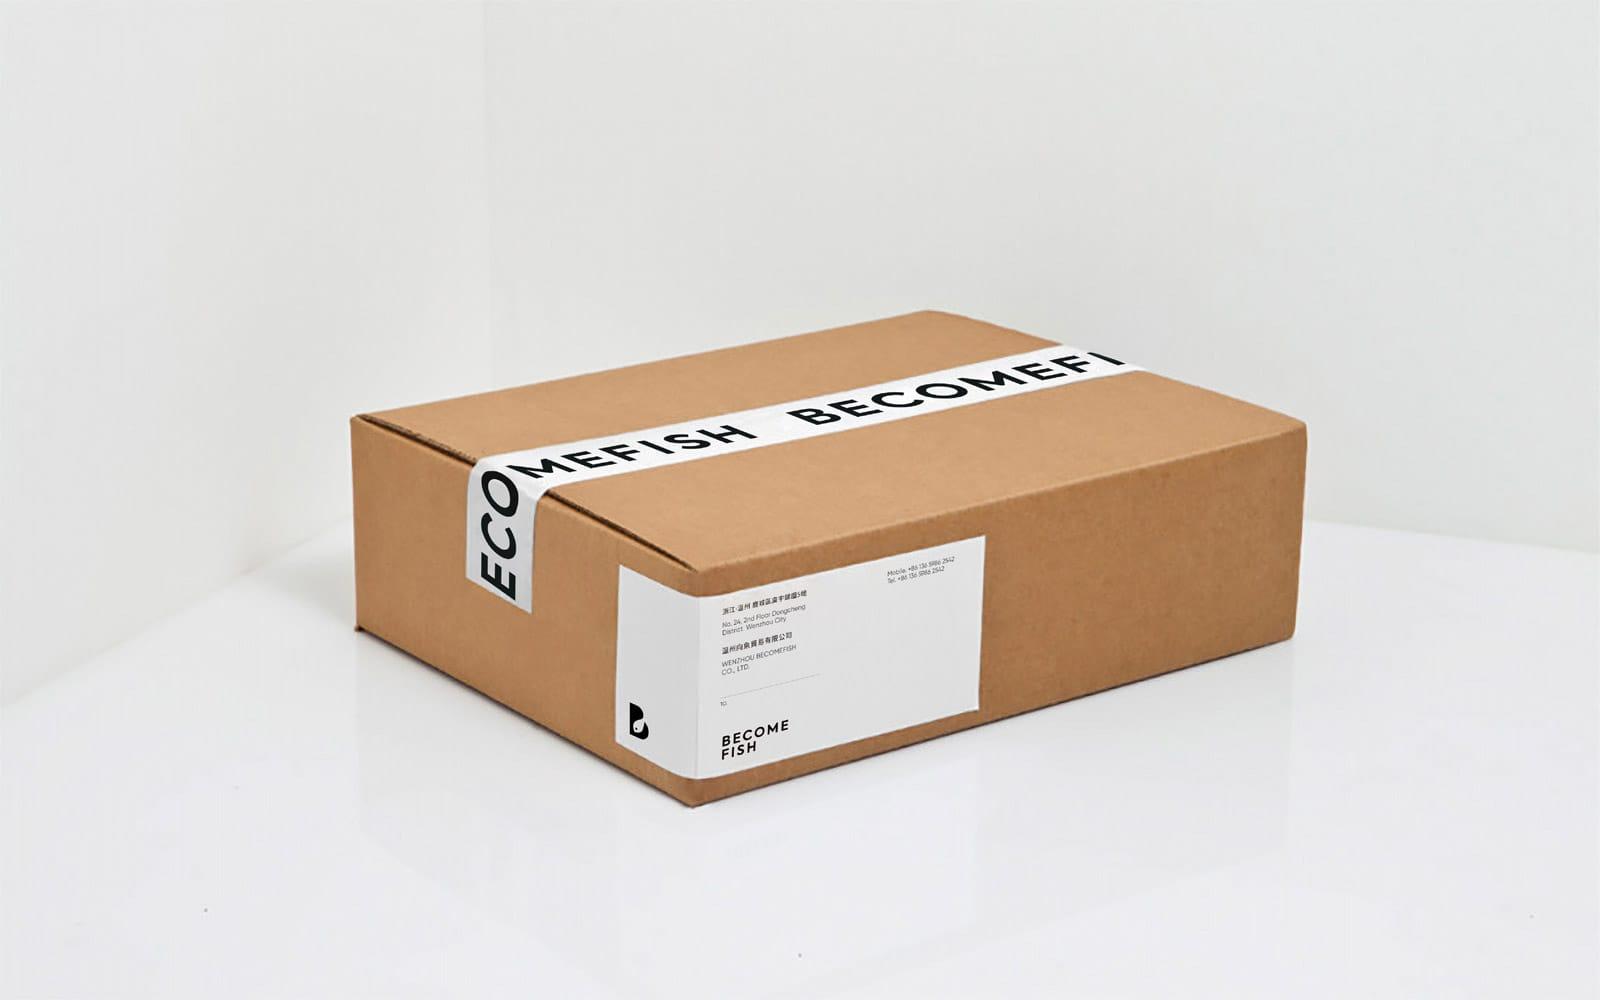 向鱼品牌包装箱